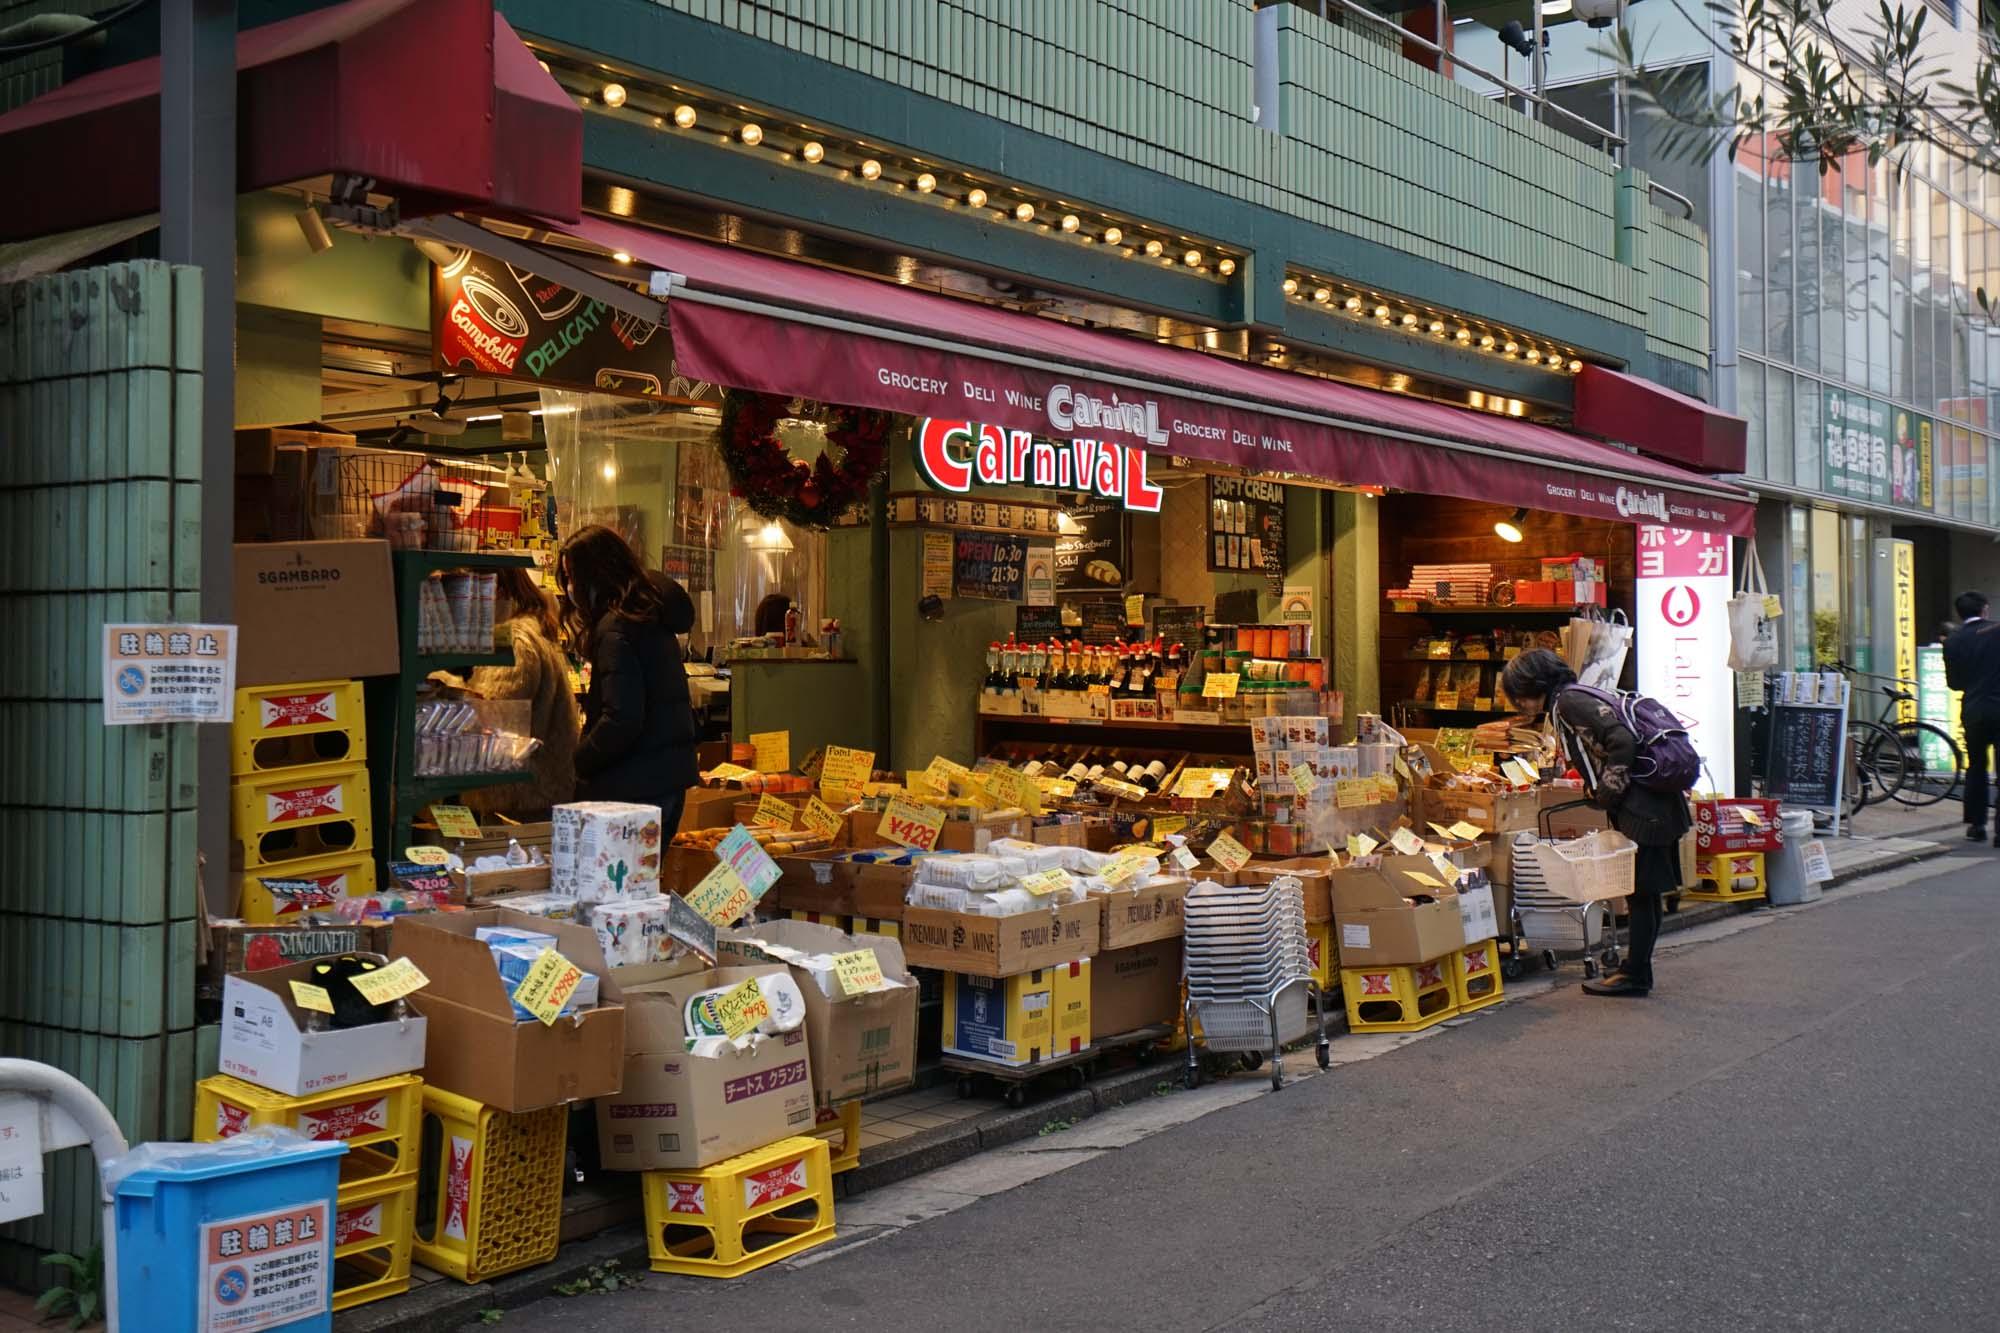 輸入雑貨・食品・デリカの「カーニバル」では、エスニックなお惣菜のデリプレートや「ぶっかけ弁当」などをテイクアウトすることができます。ホテルに暮らすならとても重宝しそうなお店。